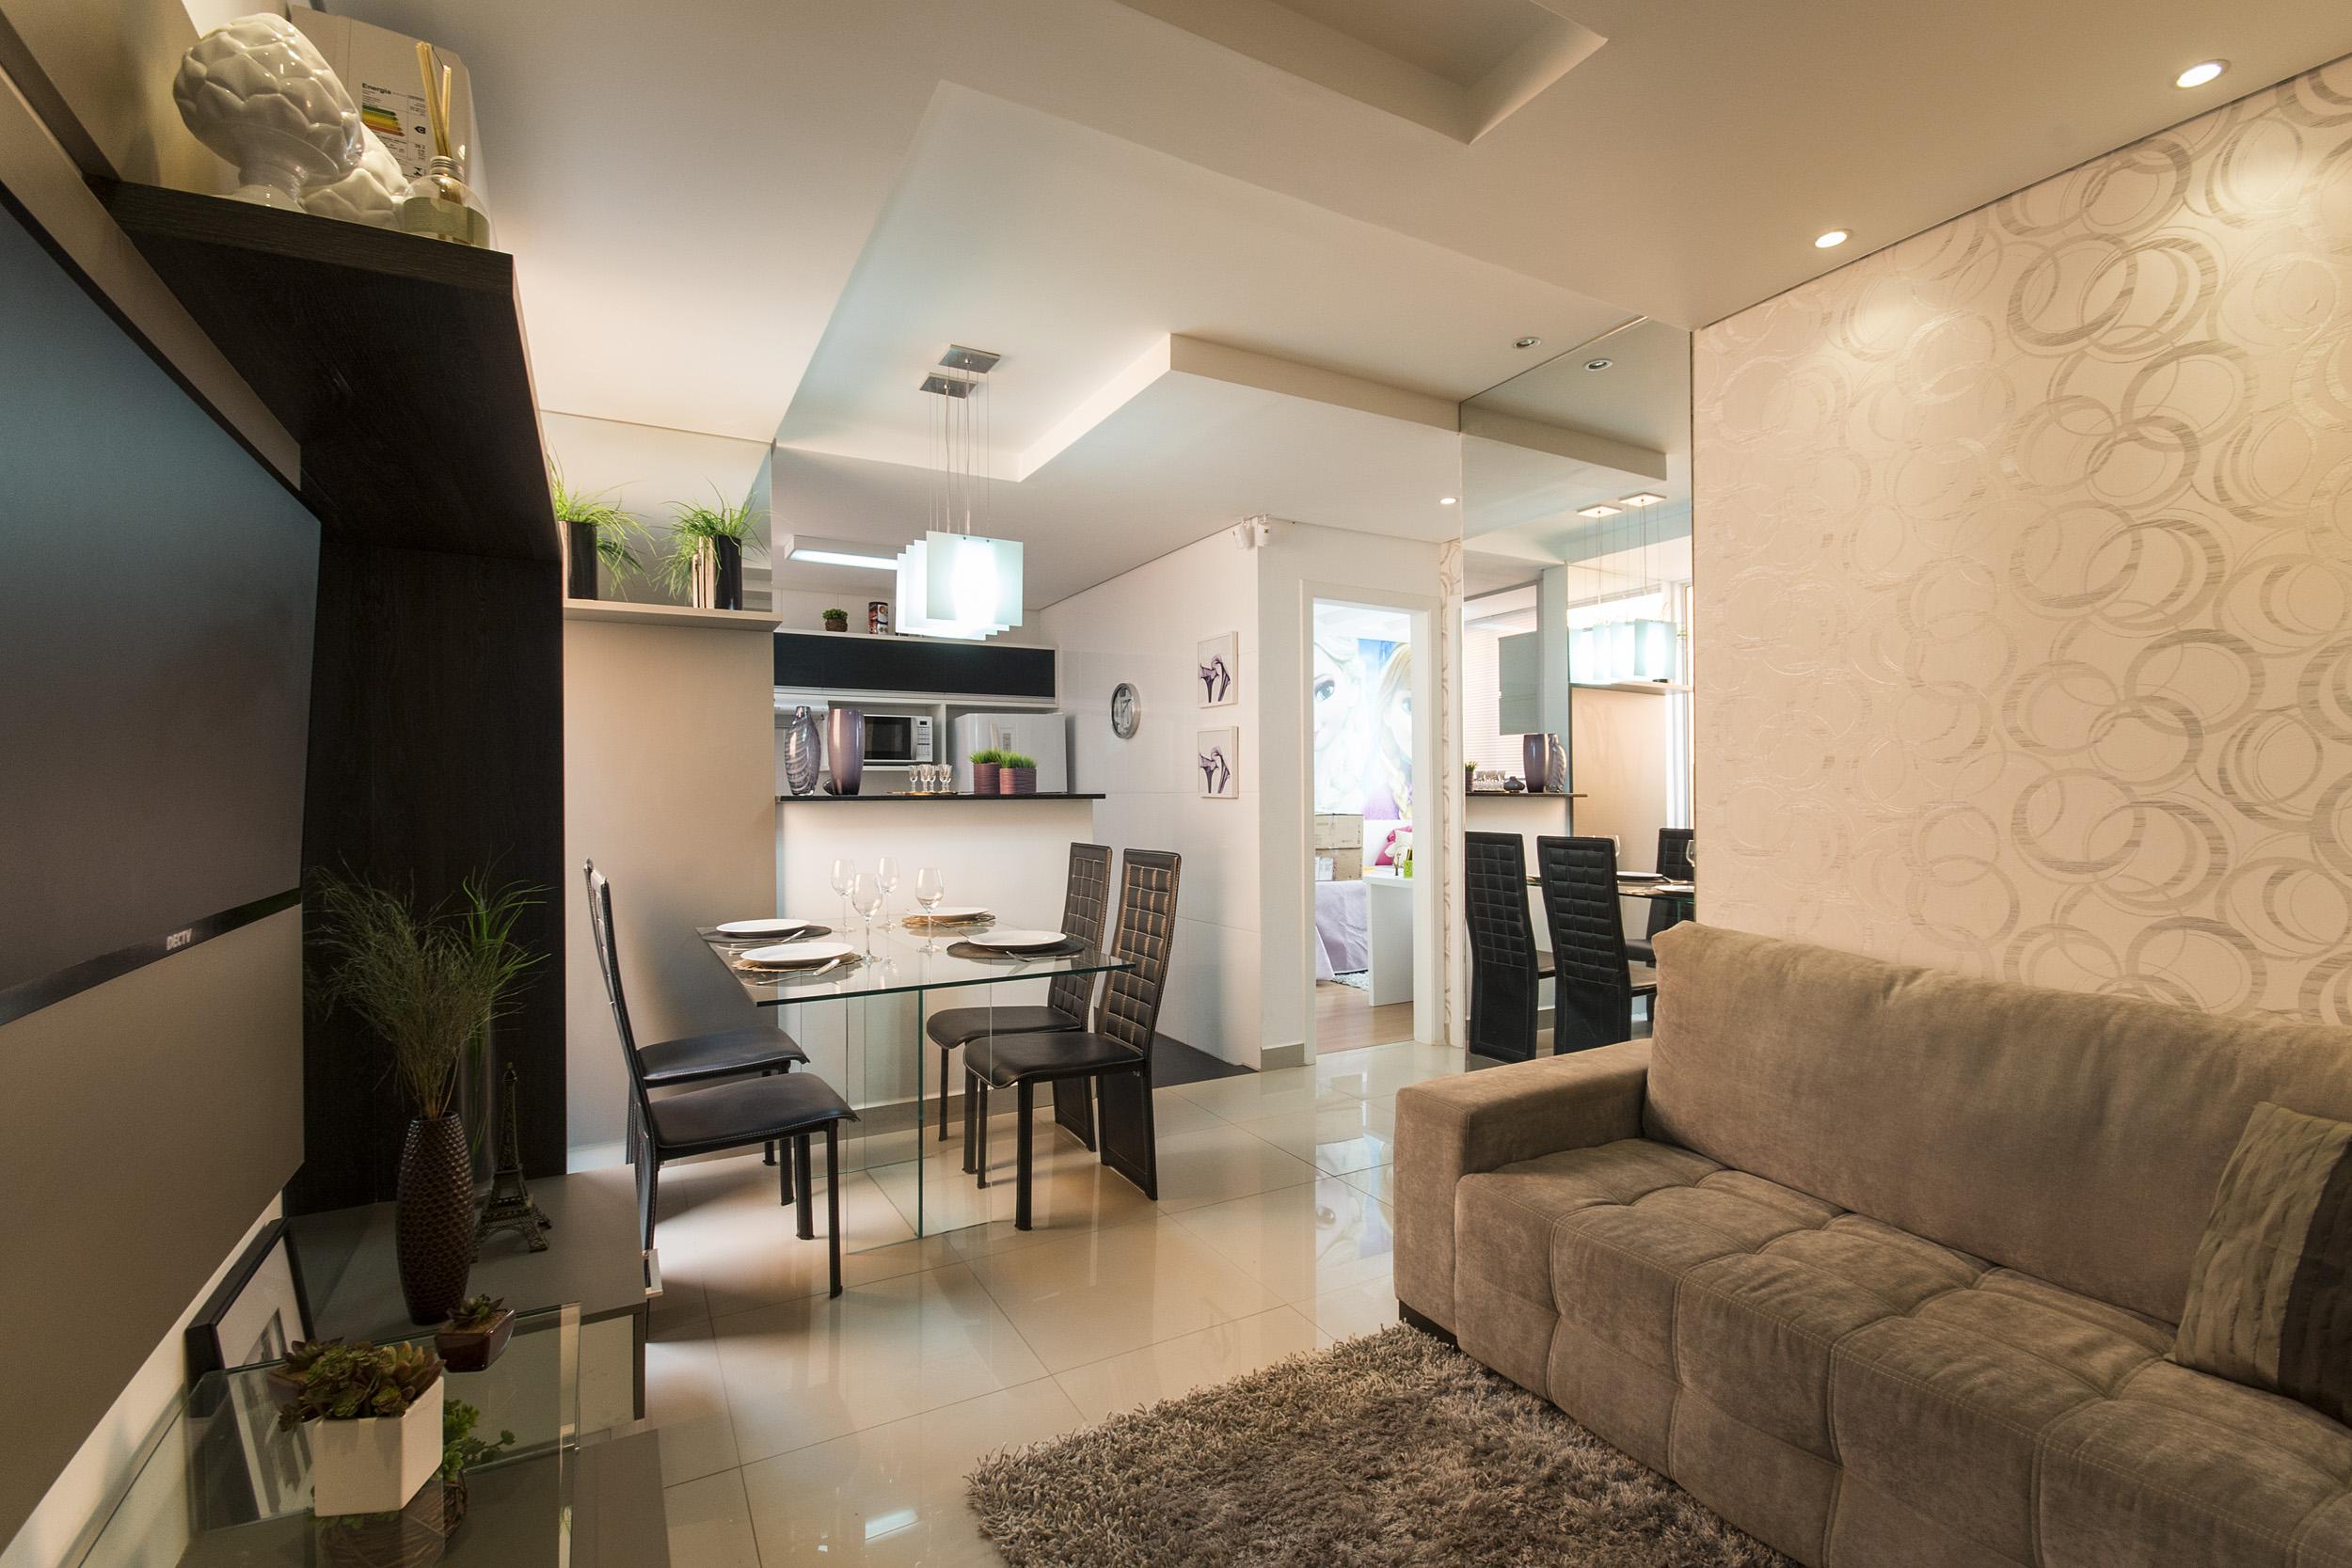 5 dicas de como decorar um apartamento pequeno mrv for Decorar apartamento pequeno fotos